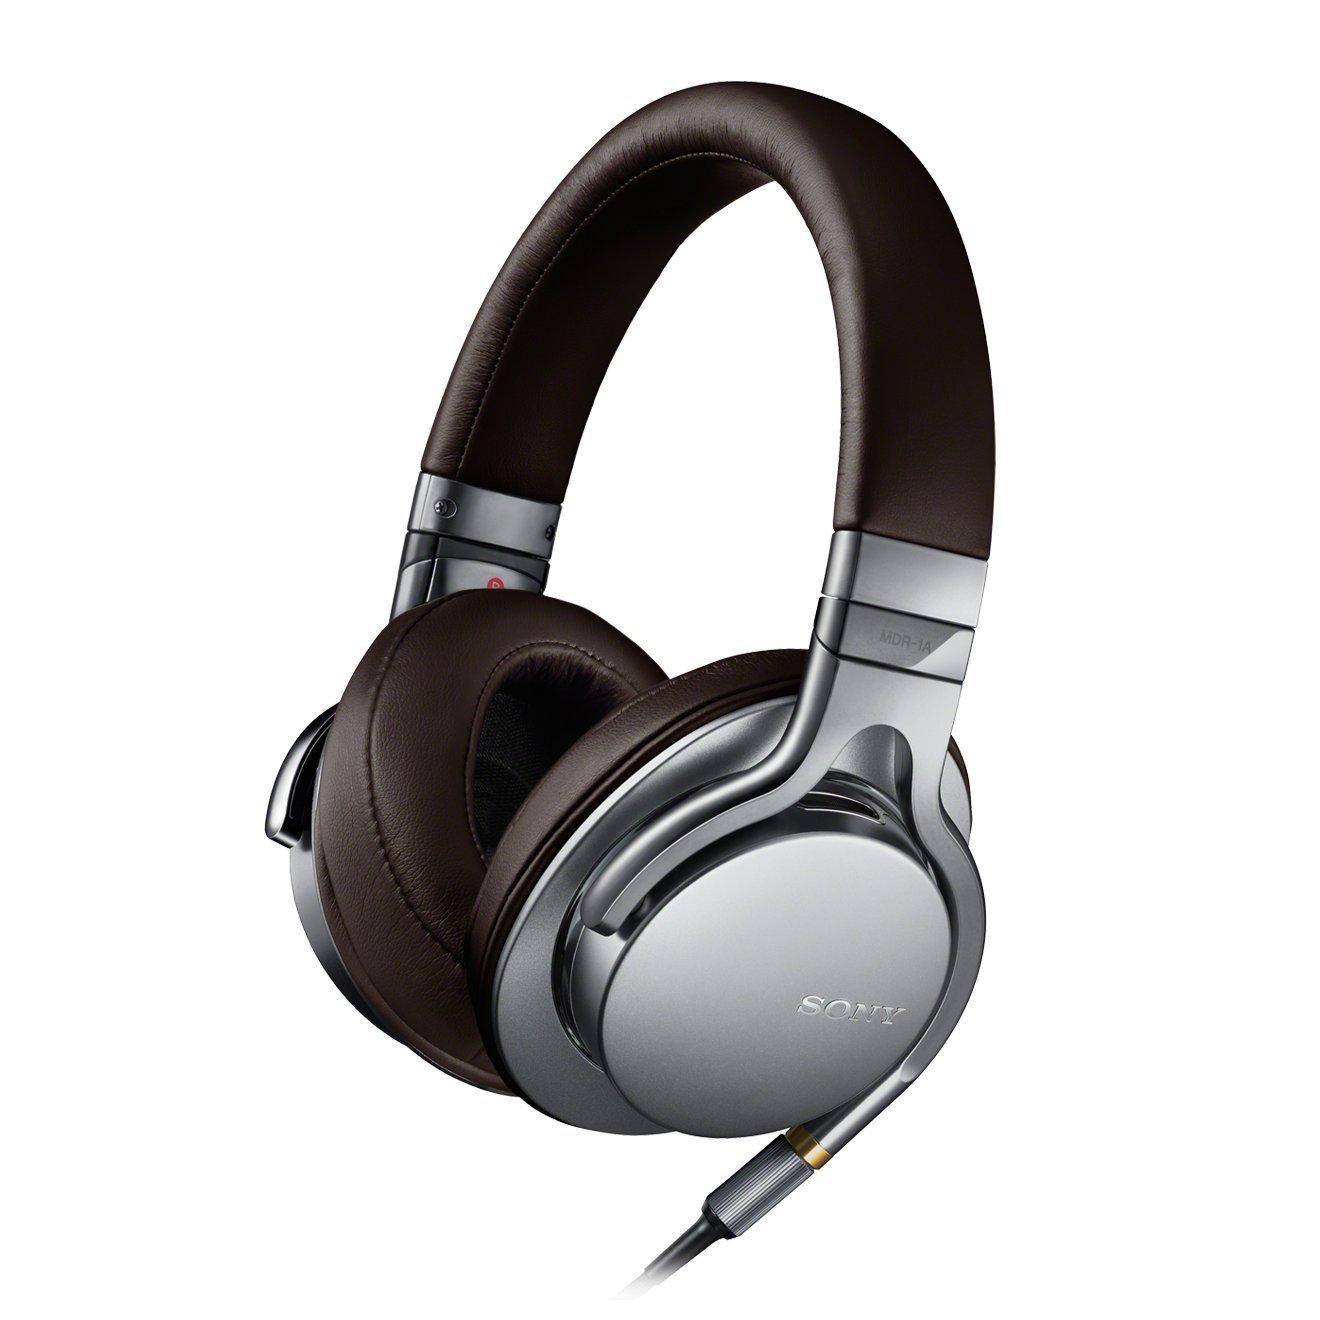 Amazon Tagesangebot - Sony MDR-1AS High Resolution Kopfhörer (40mm High Definition-Treibereinheiten) silber